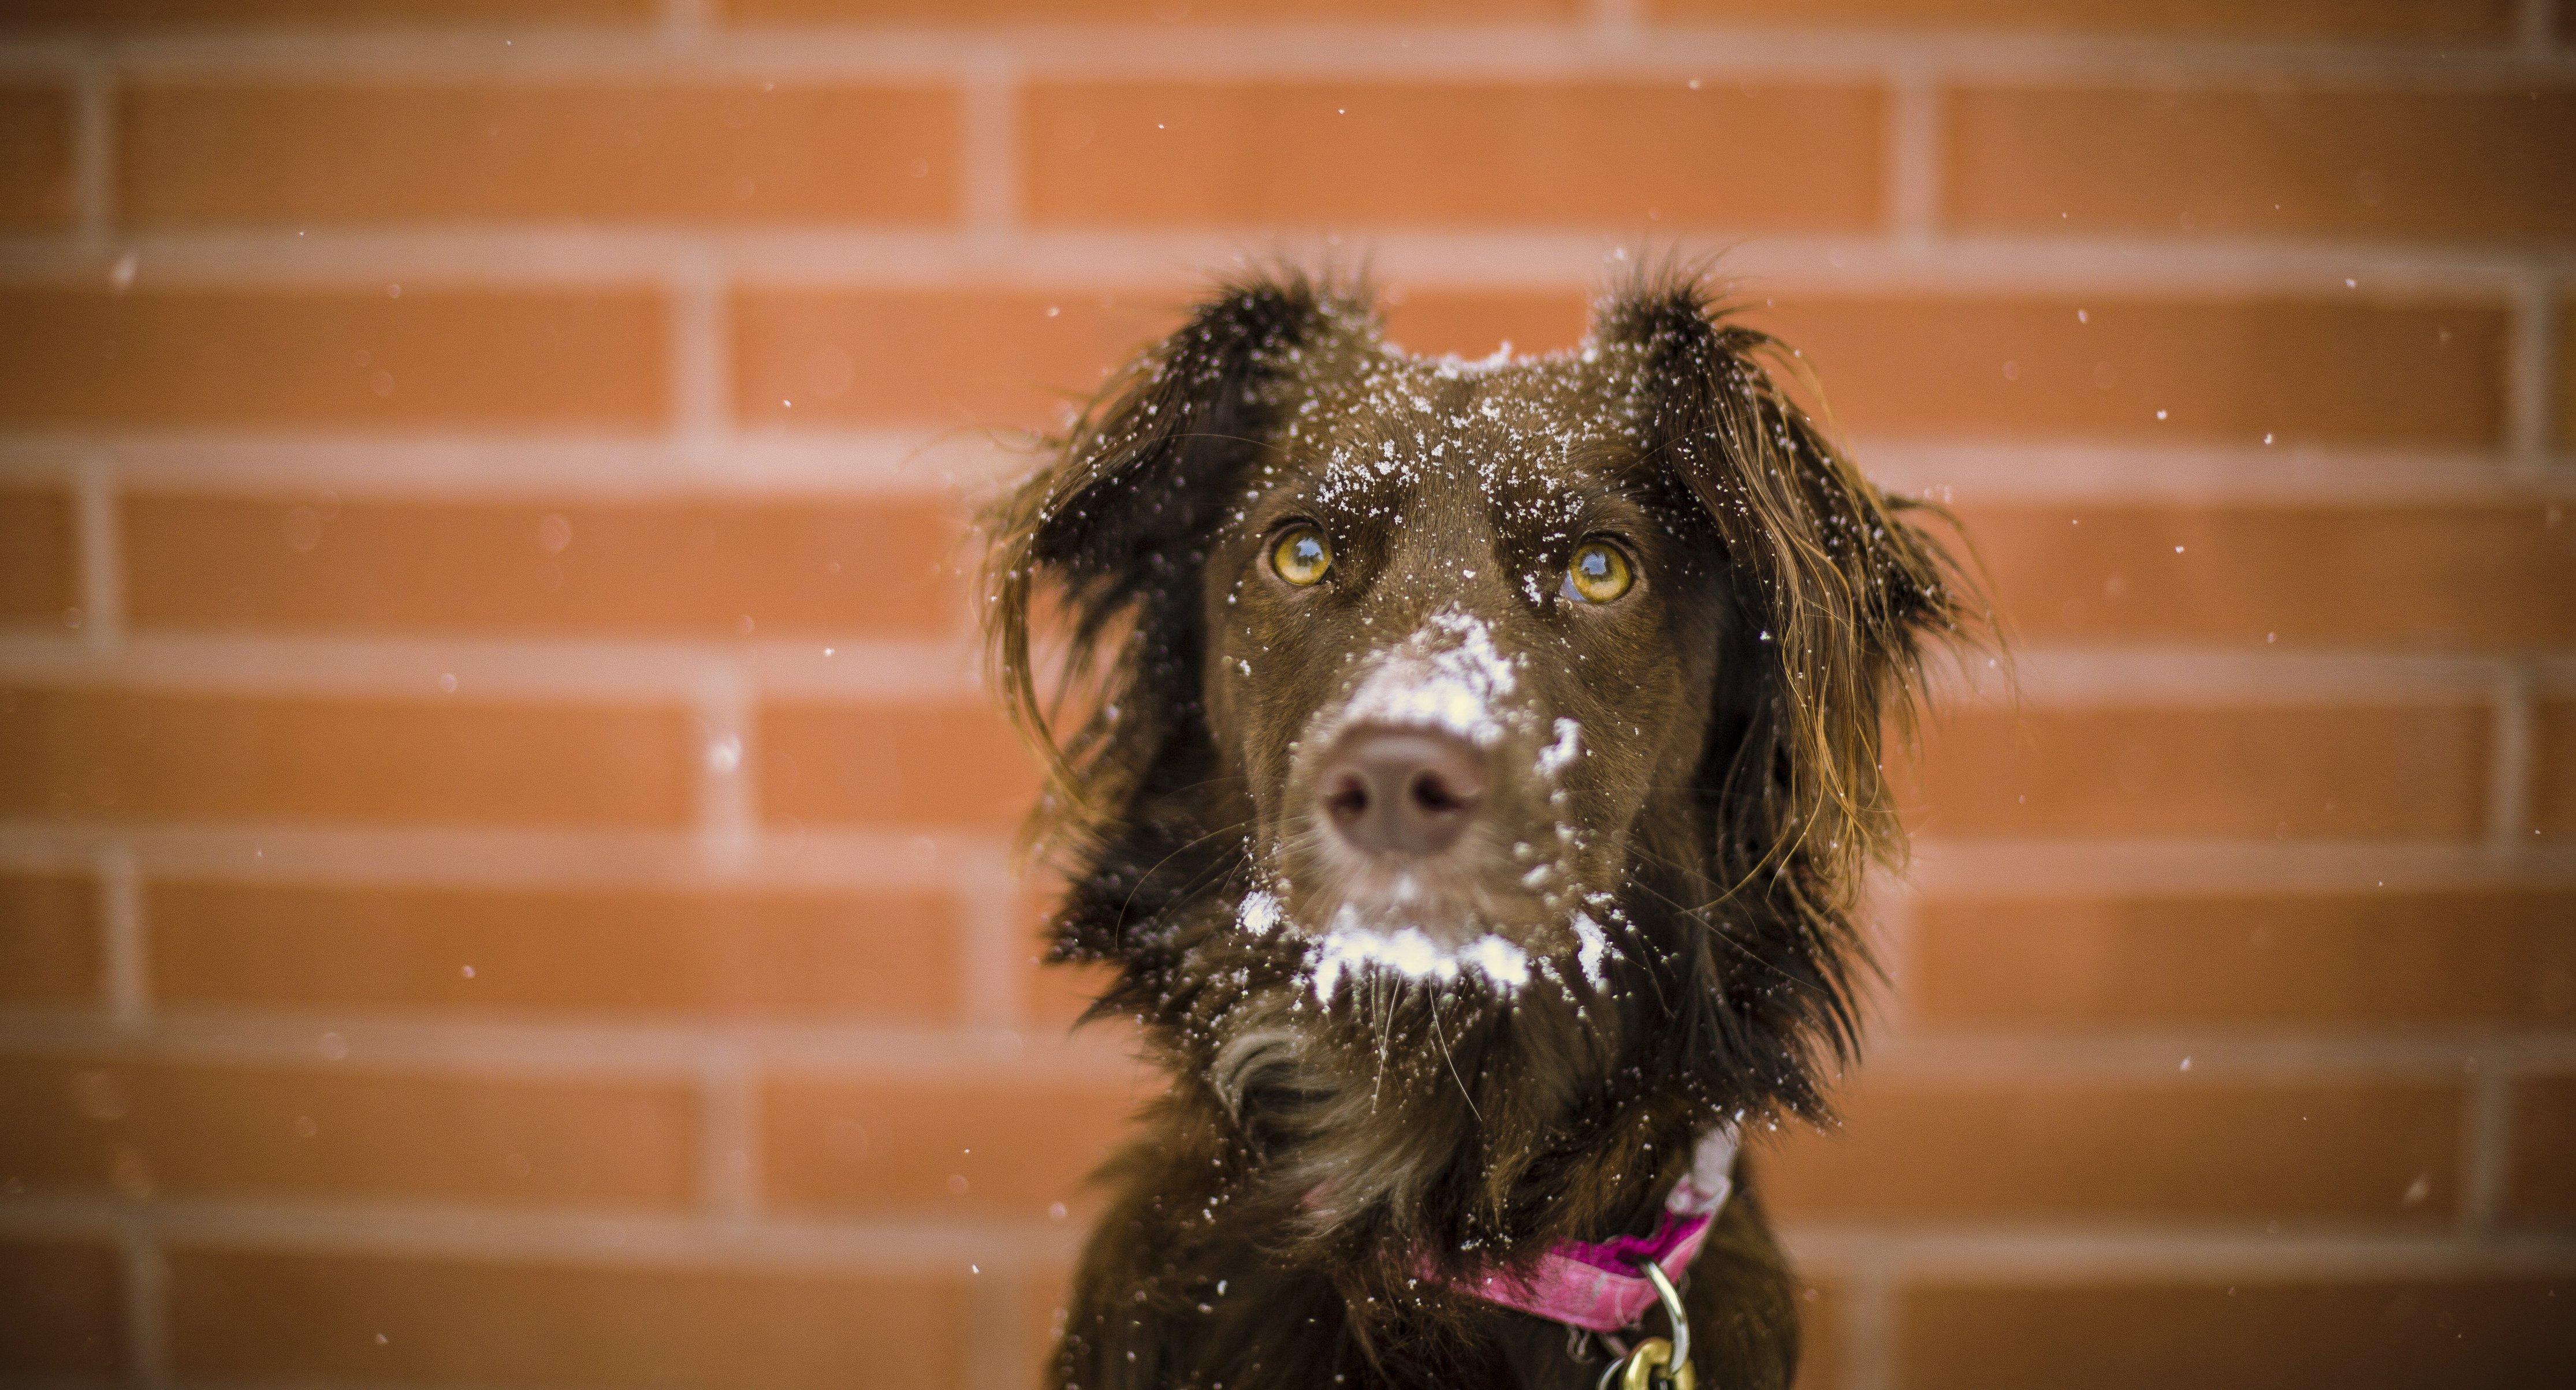 Jest bardzo zimno! Zadbaj o zwierzęta!